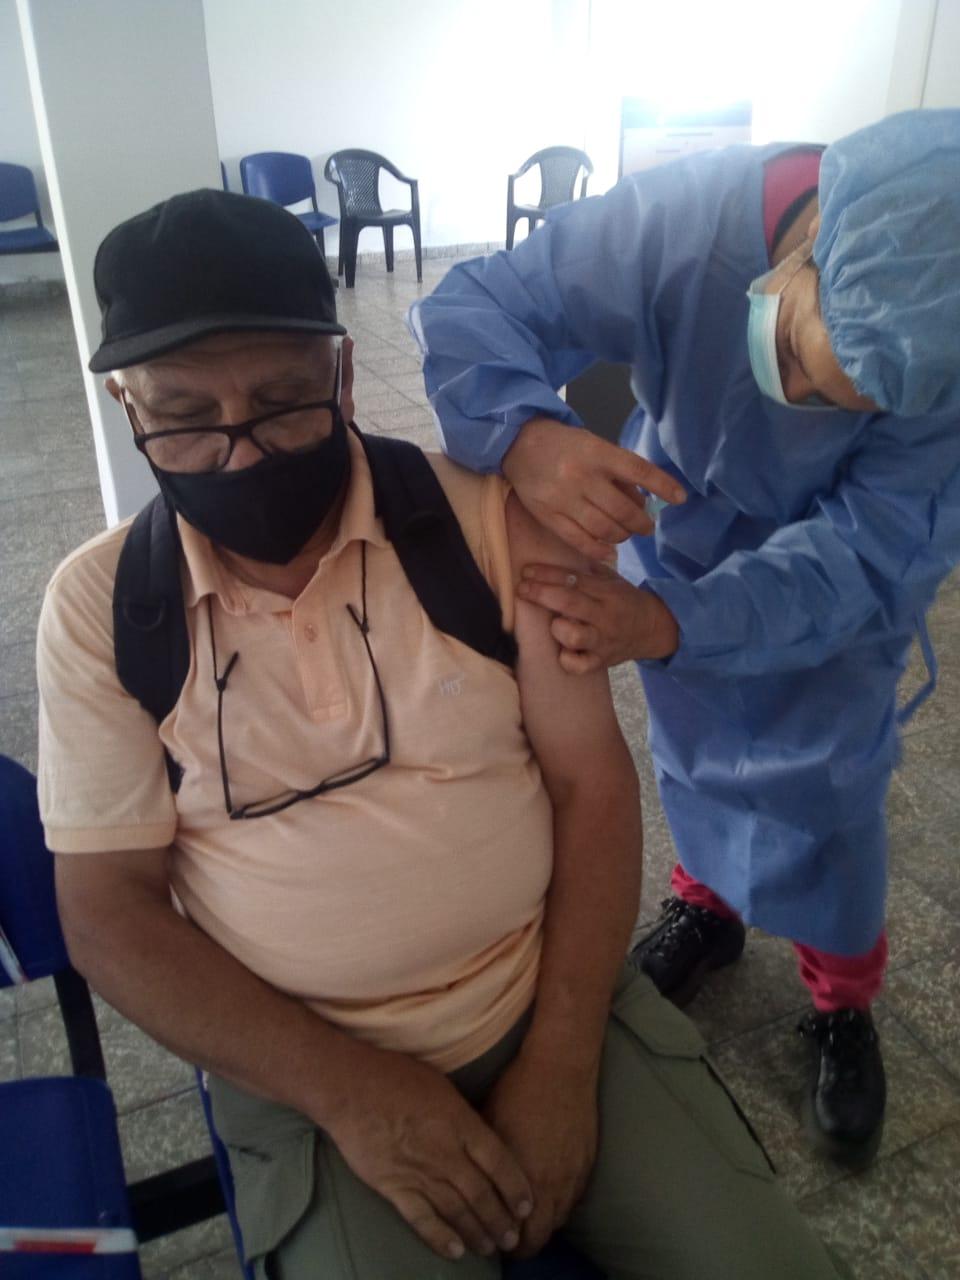 Capilla del Monte: la primer localidad del norte de punilla en vacunar contra el Covid-19